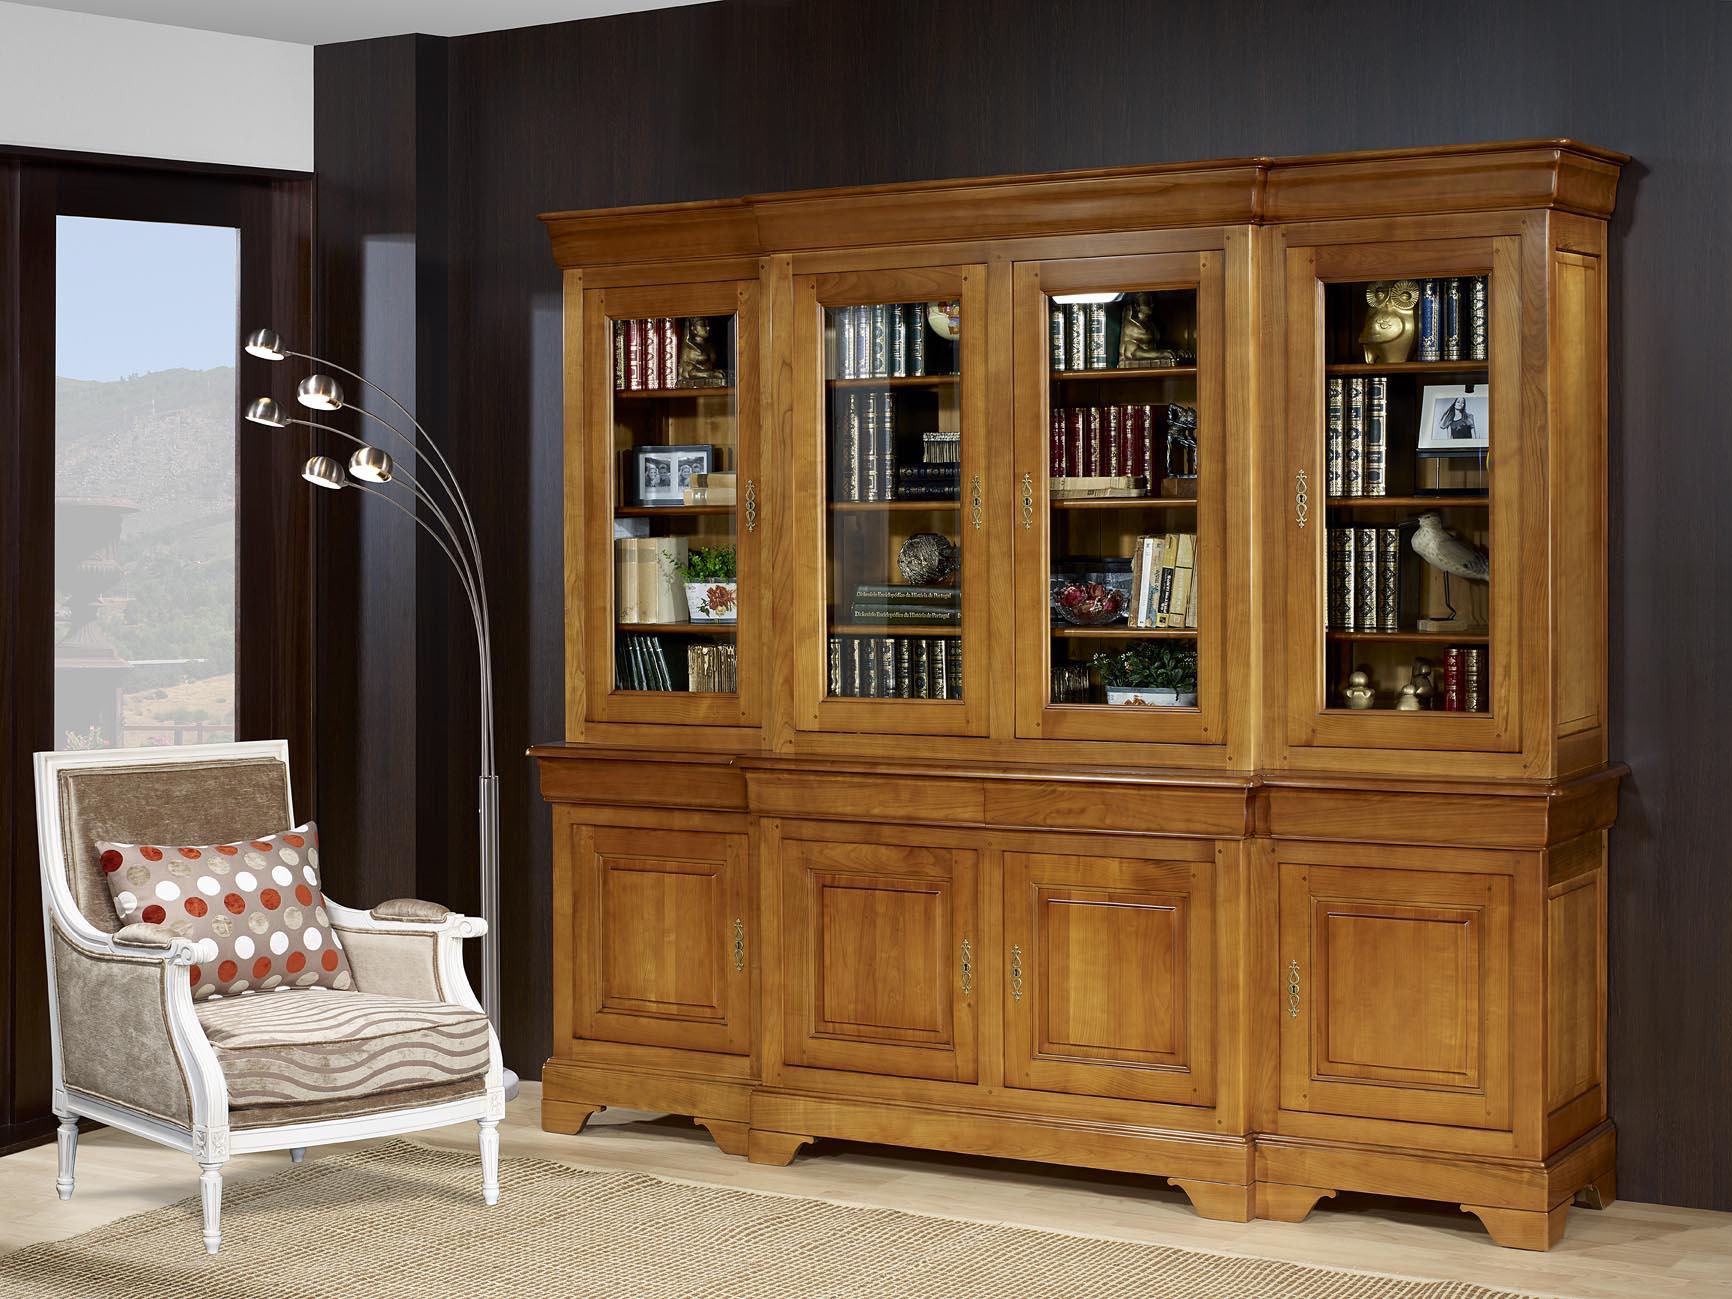 biblioth que 2 corps 4 portes anne laure en merisier massif de style louis philippe meuble en. Black Bedroom Furniture Sets. Home Design Ideas